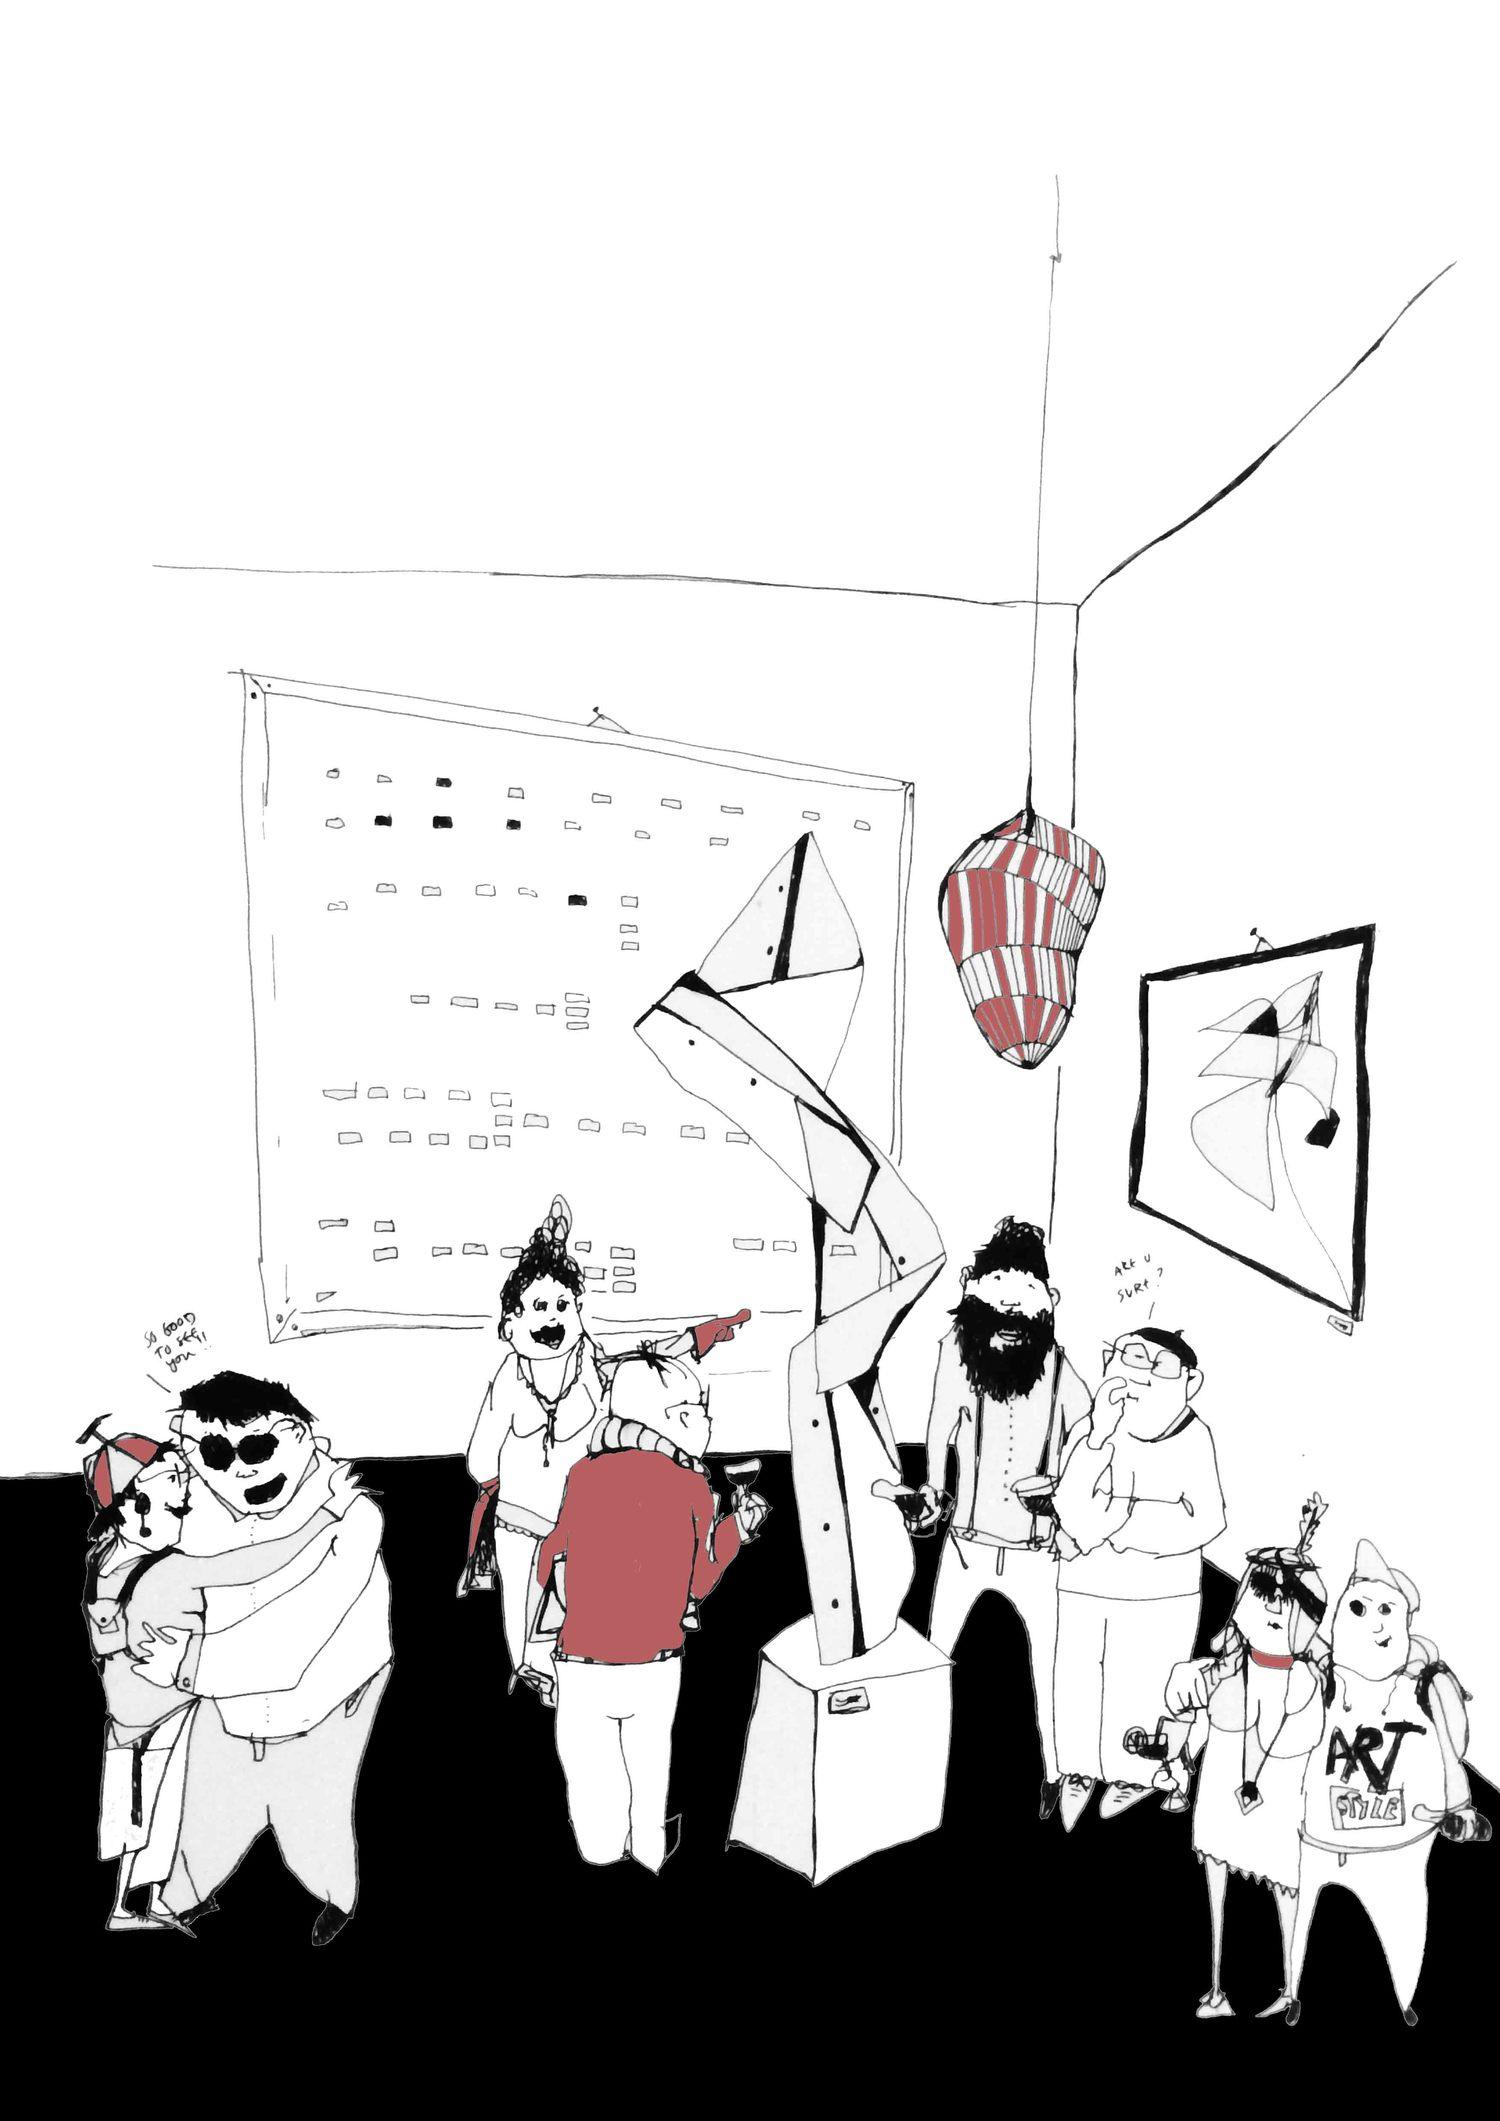 drawing_B_2.jpg